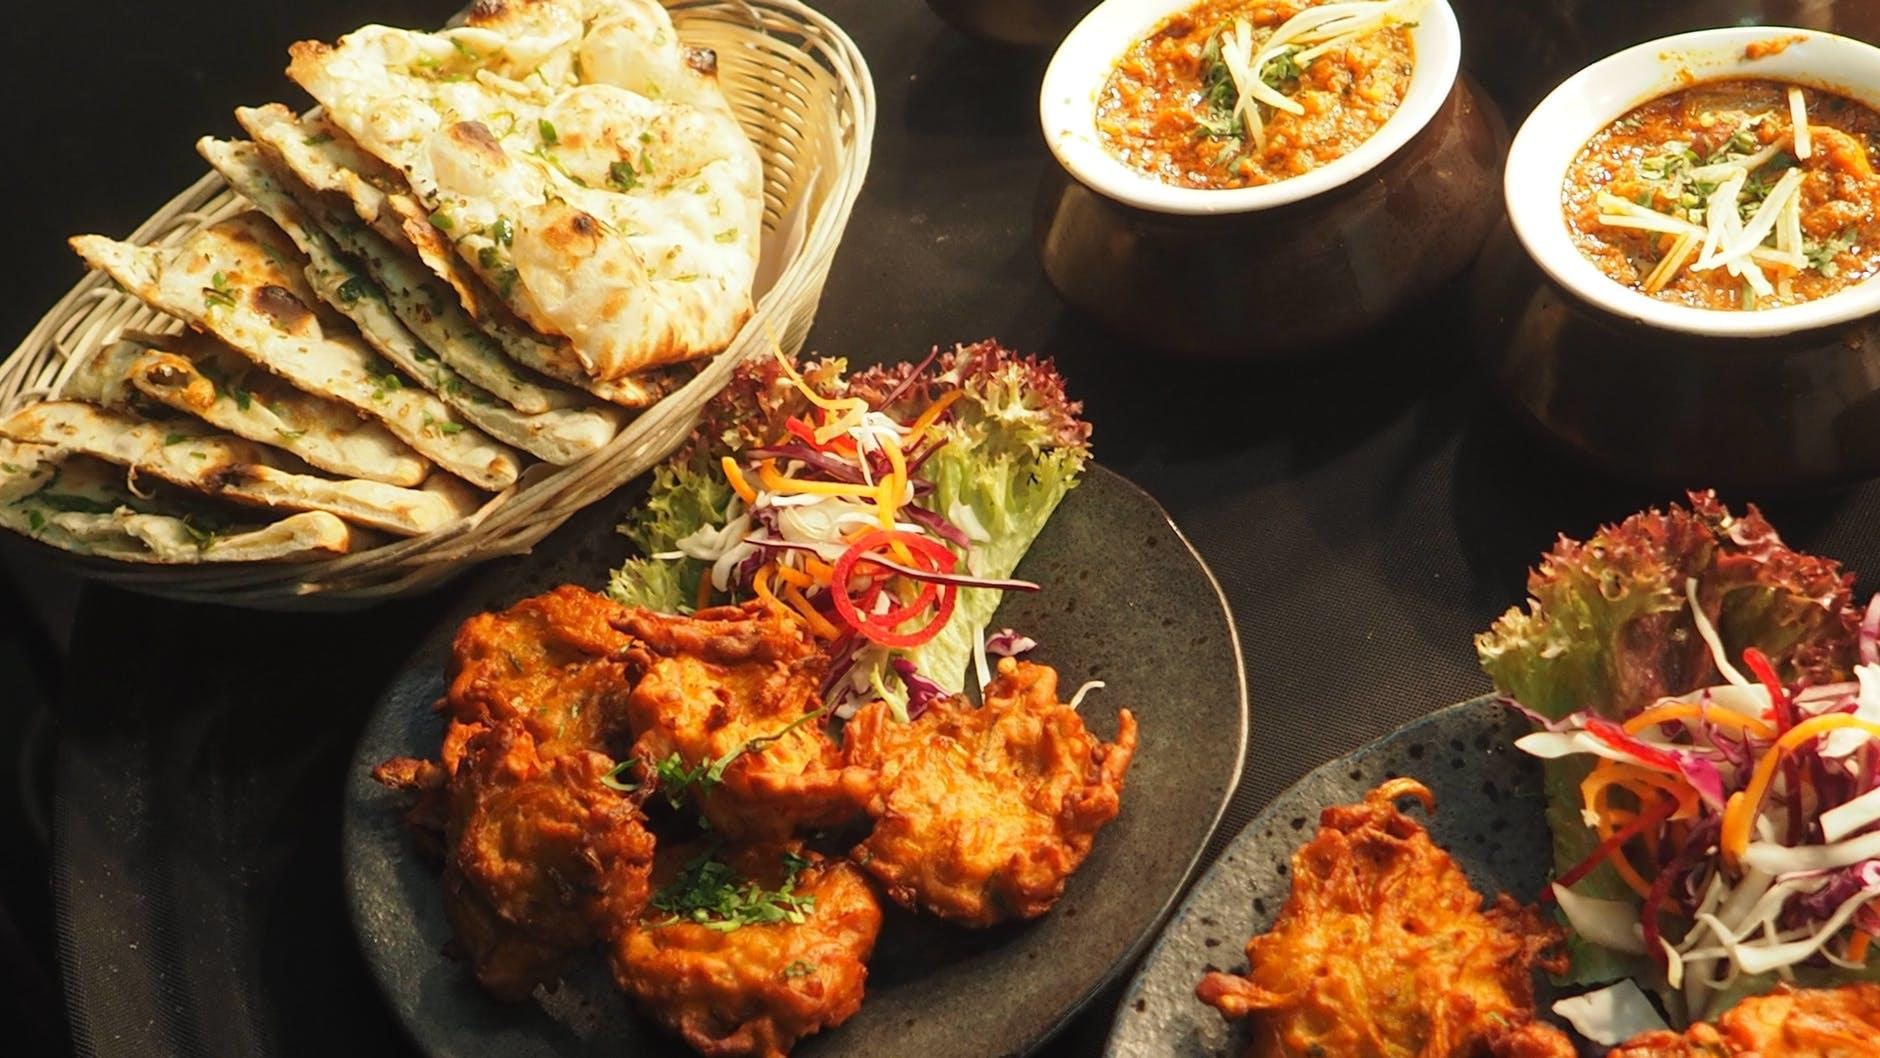 Glasgow Indian restaurant